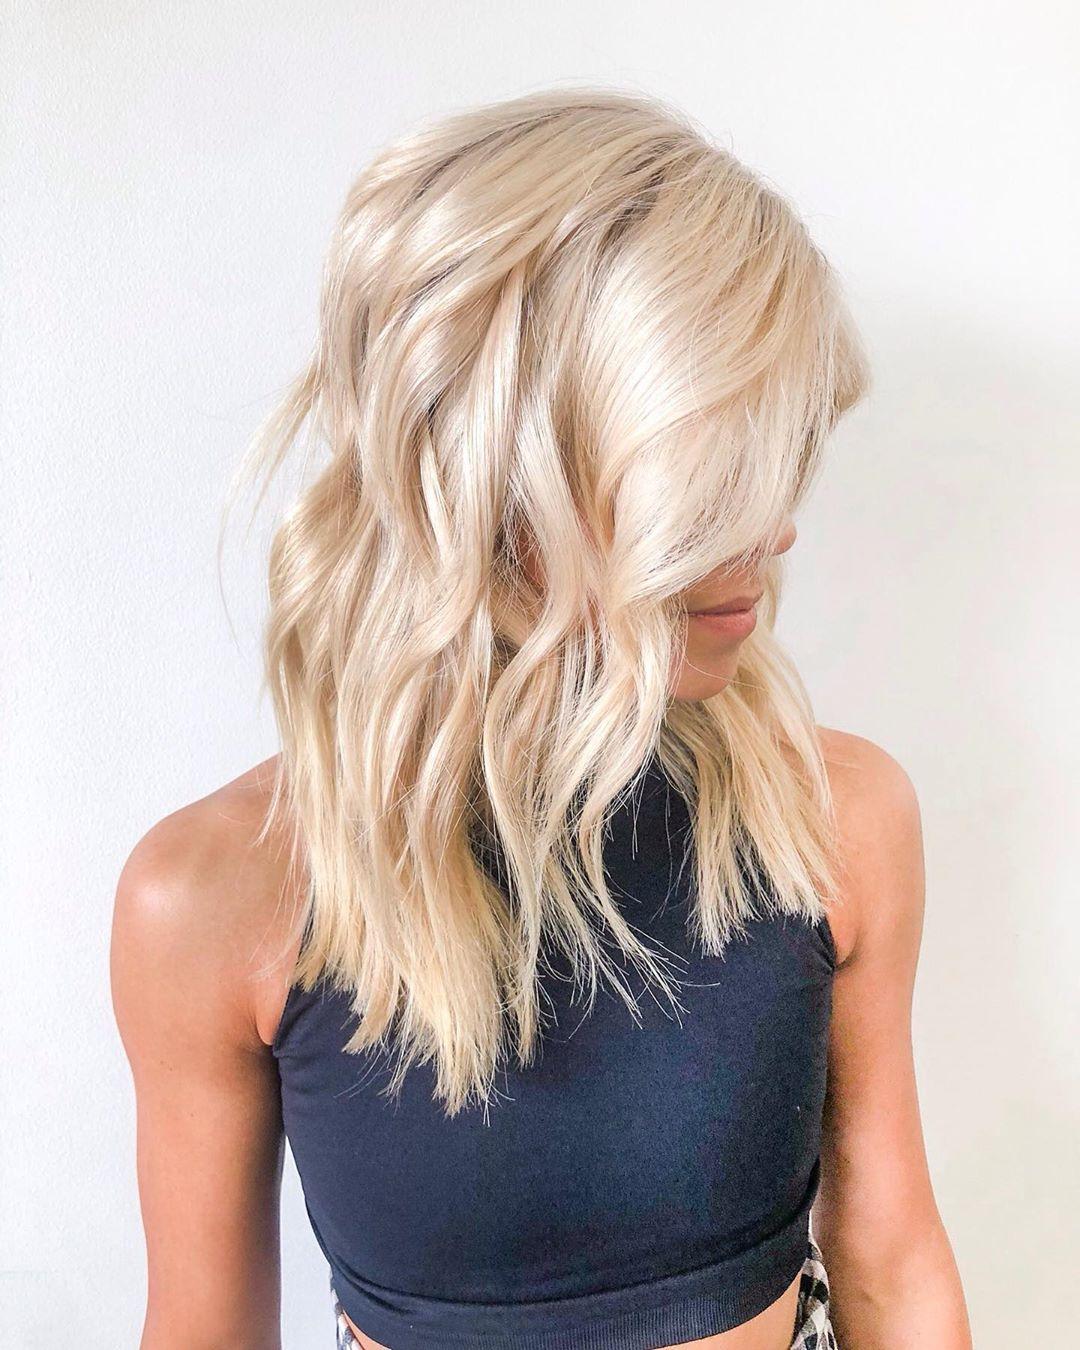 Brown lowlights on golden blonde hair